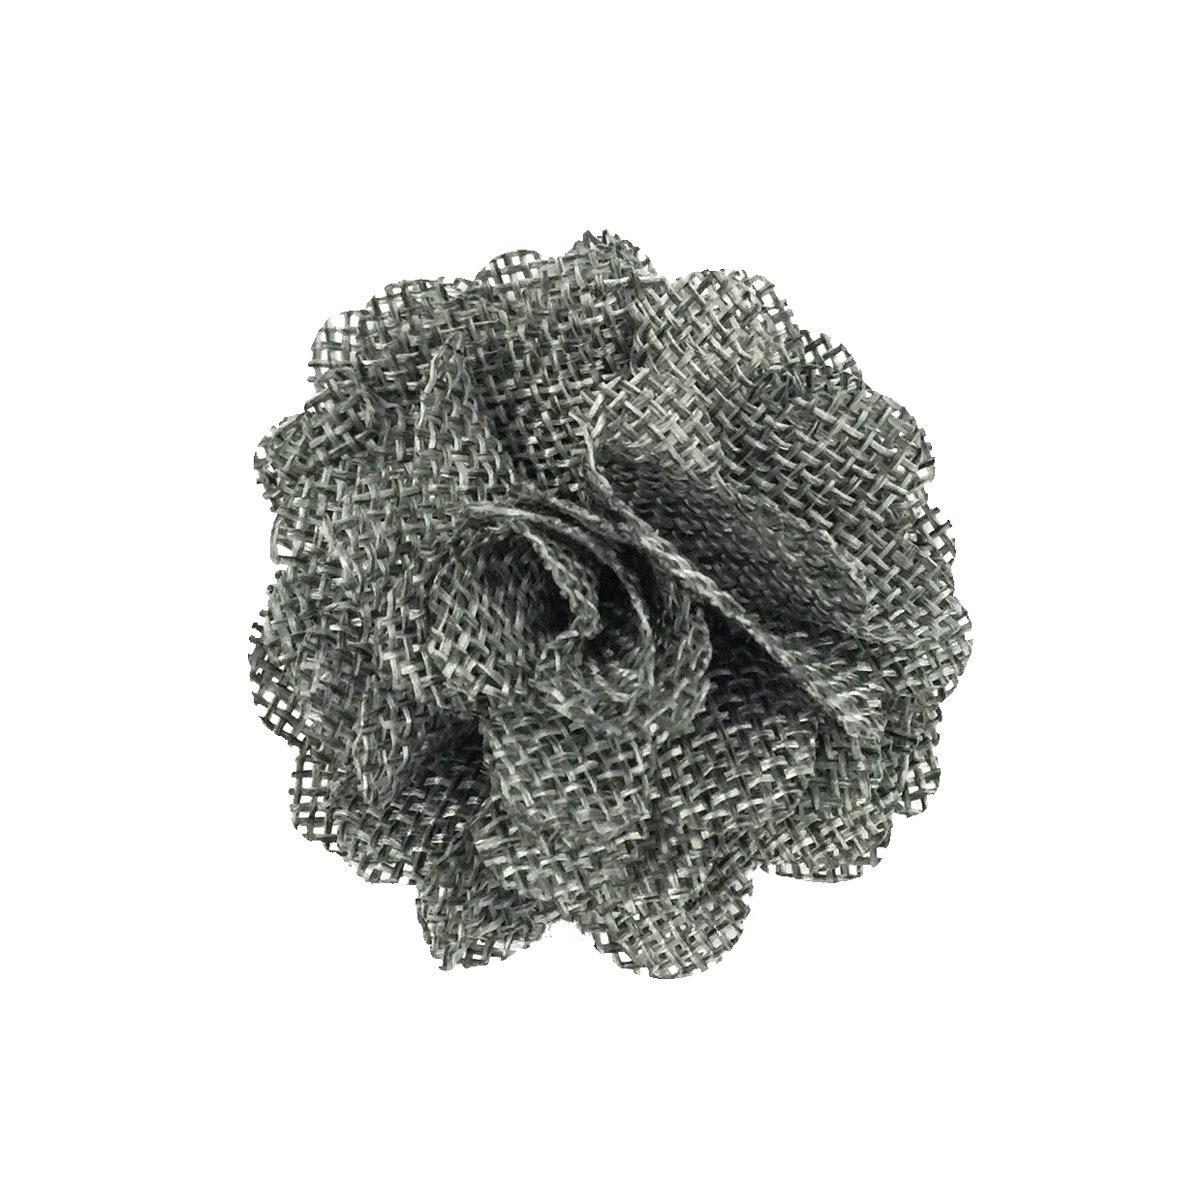 Allydrew Burlap Flower Embellishment Burlap Roses for Weddings (20pcs), Gray